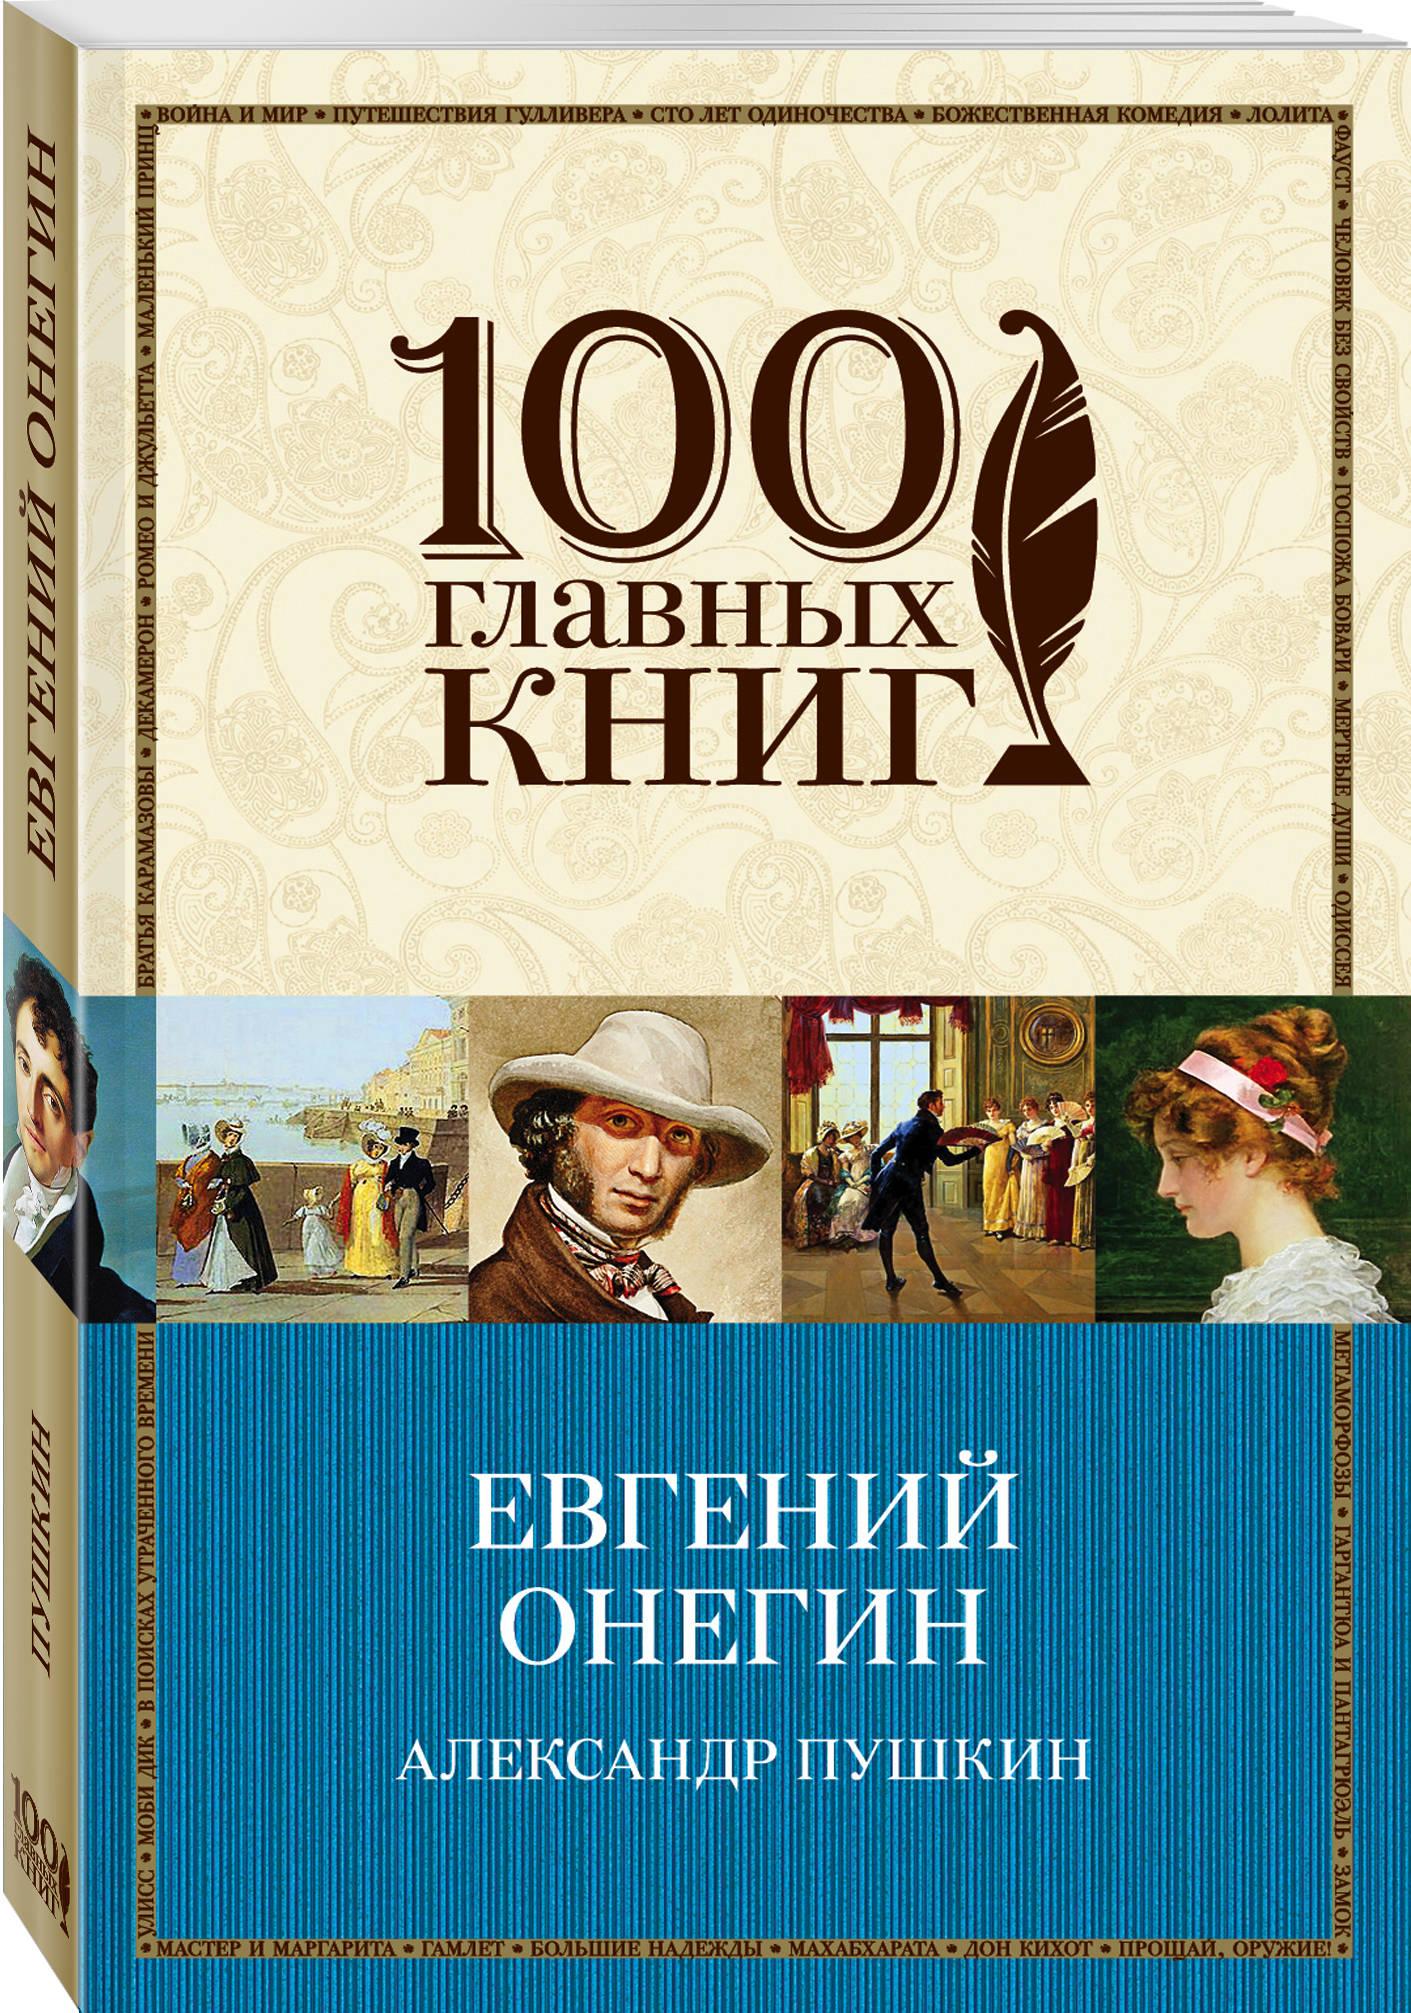 Евгений Онегин ( Пушкин Александр Сергеевич  )